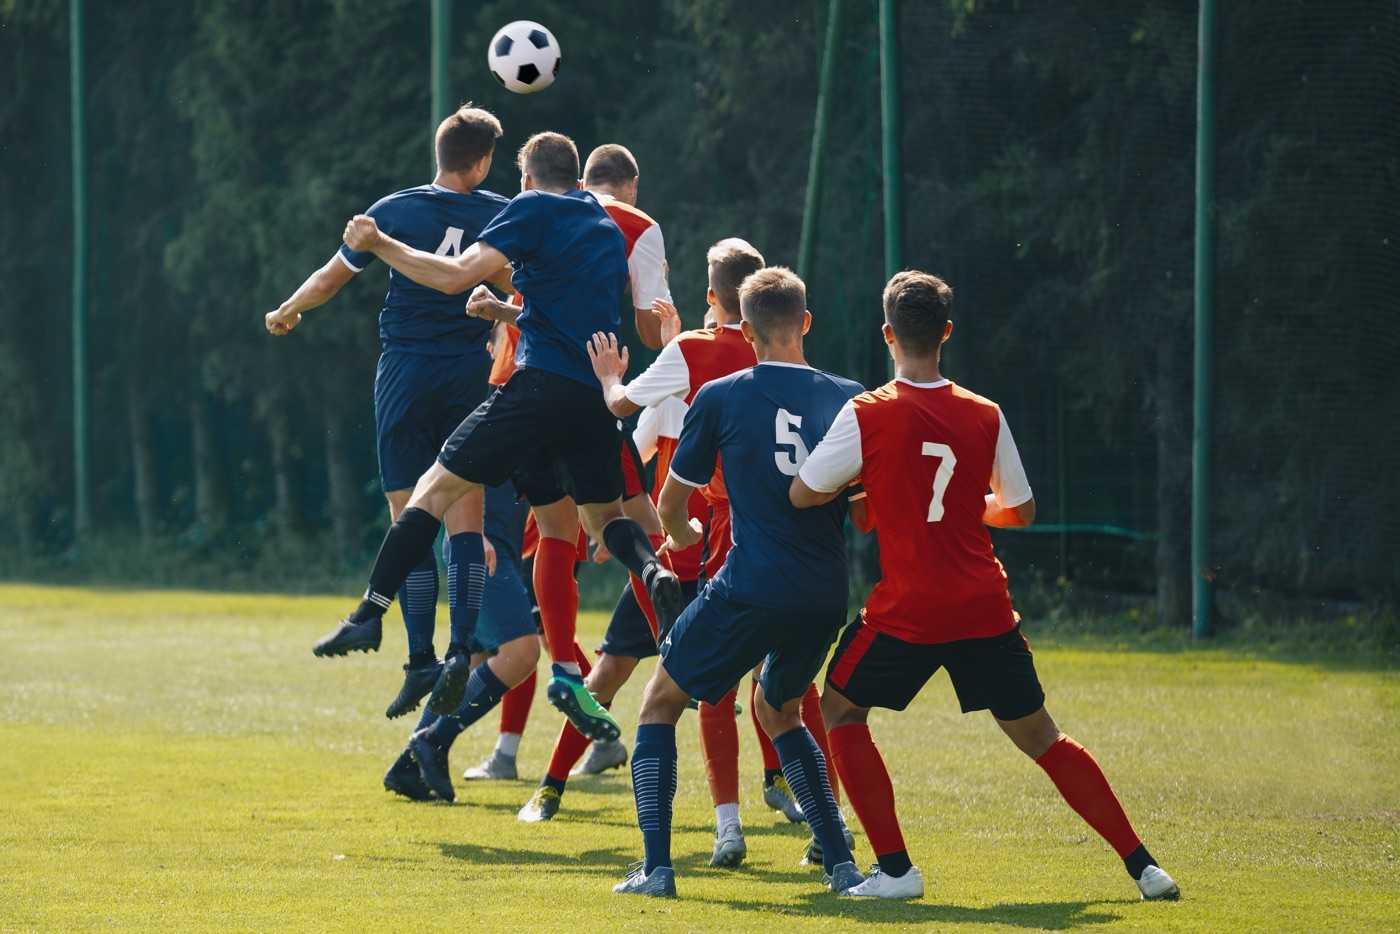 Jalkapallo on Suomen suosituin laji harrastajamääriltään, mikä näkyy myös myClub-futisseurojen määrässä.